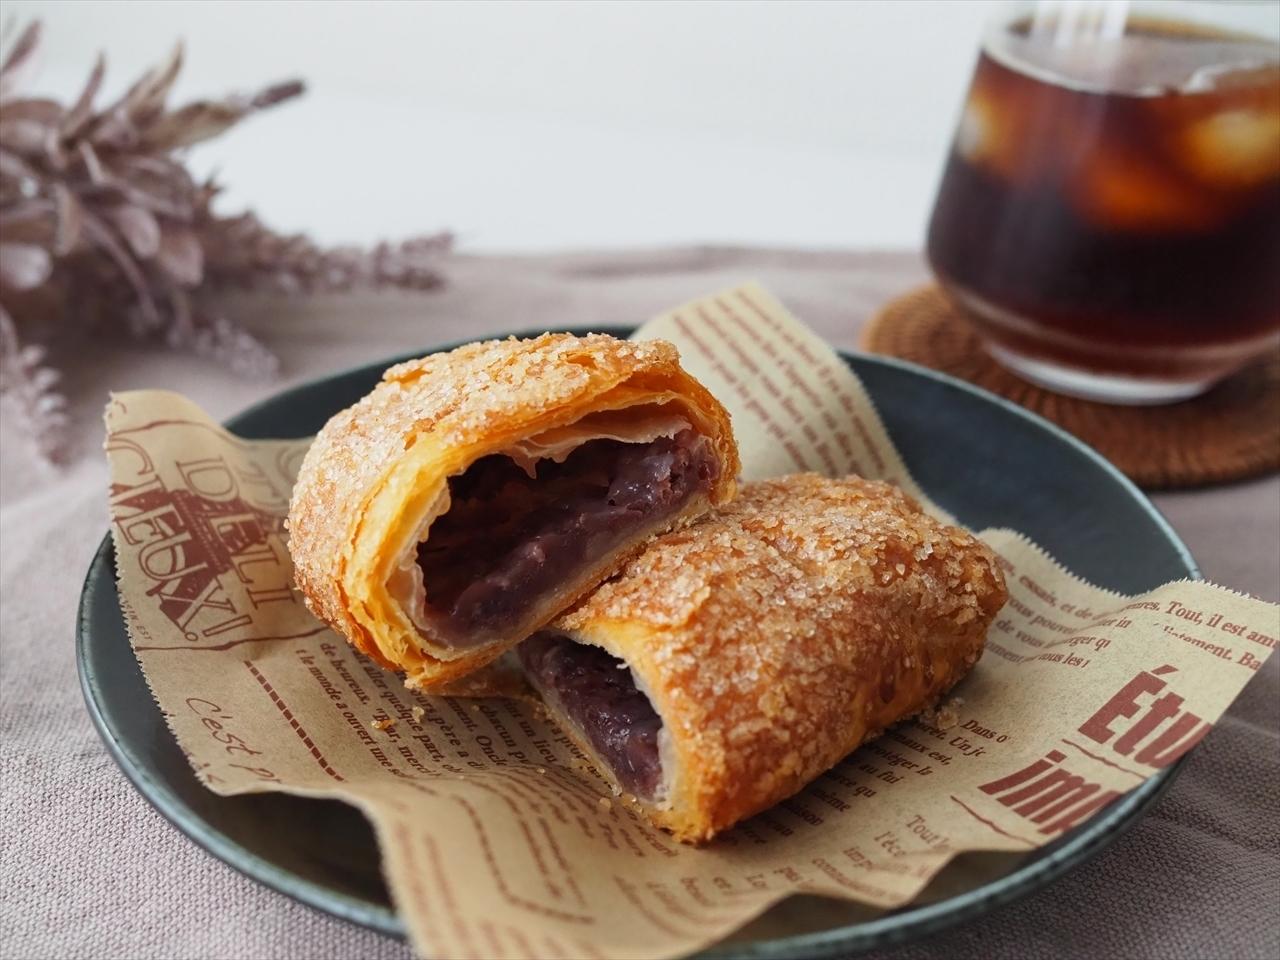 【シャトレーゼ実食ルポ】パイの中に大福が?! サクもち食感が新しい 「北海道産あんこもちパイ」